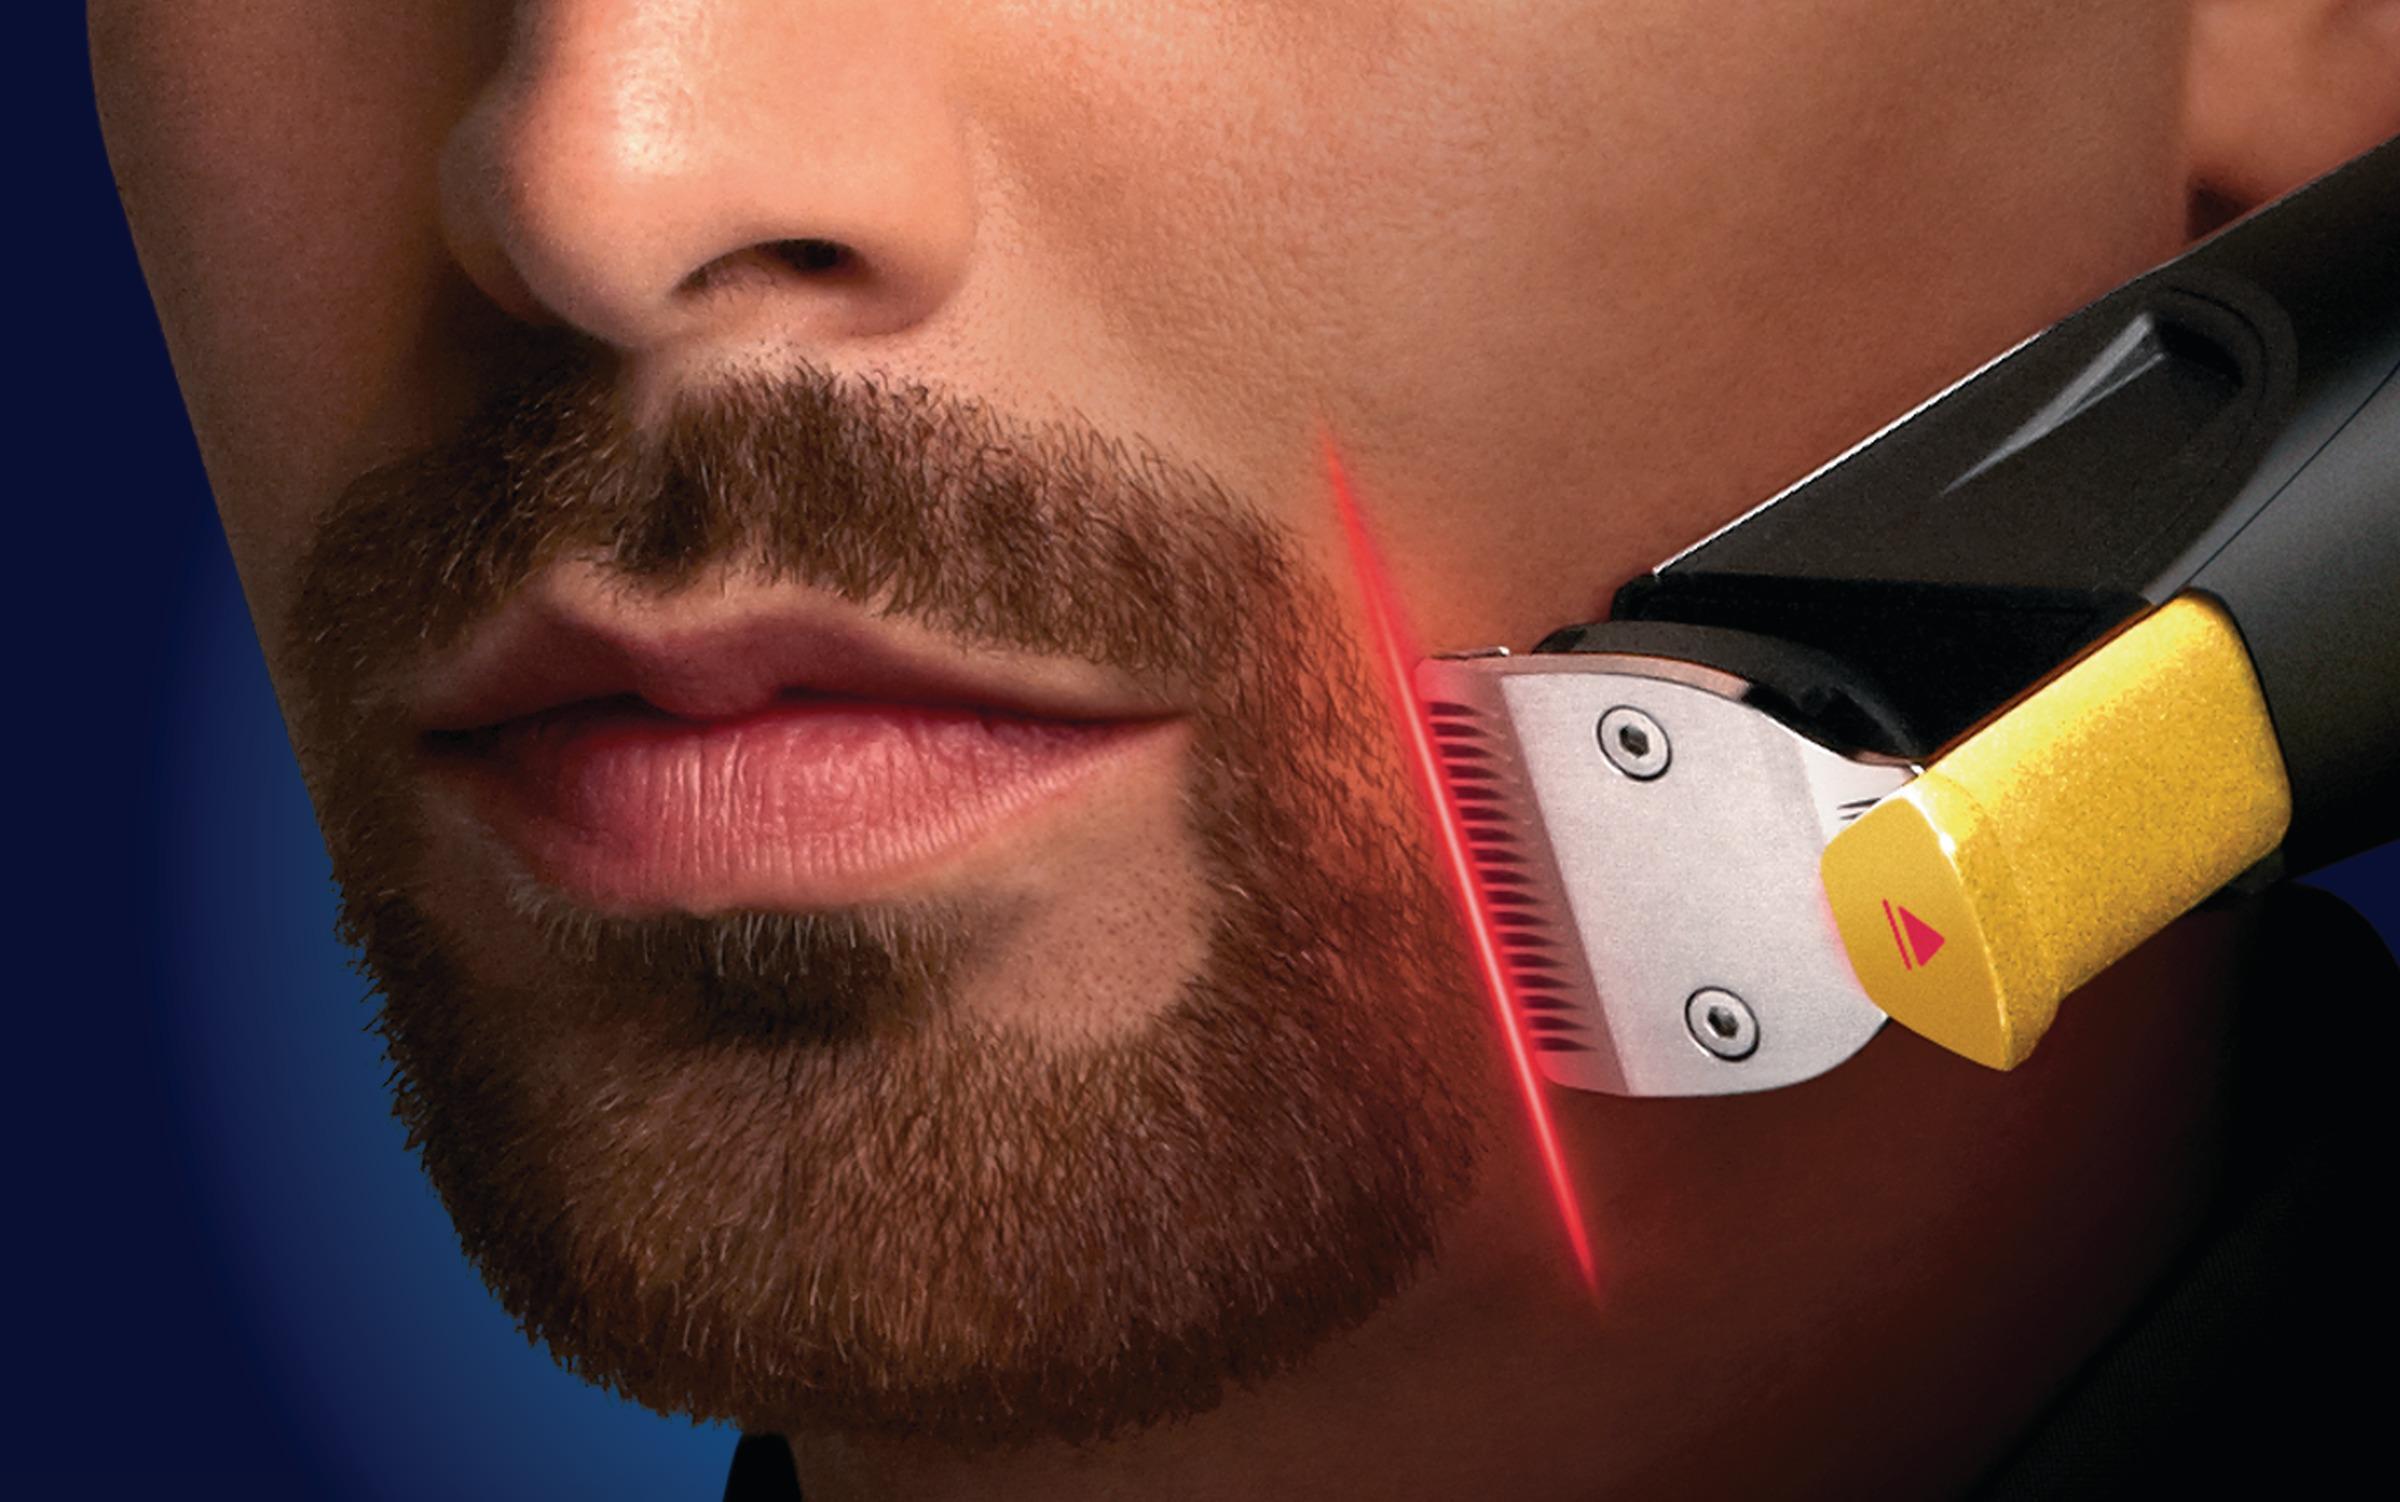 Beard trimmer top 10